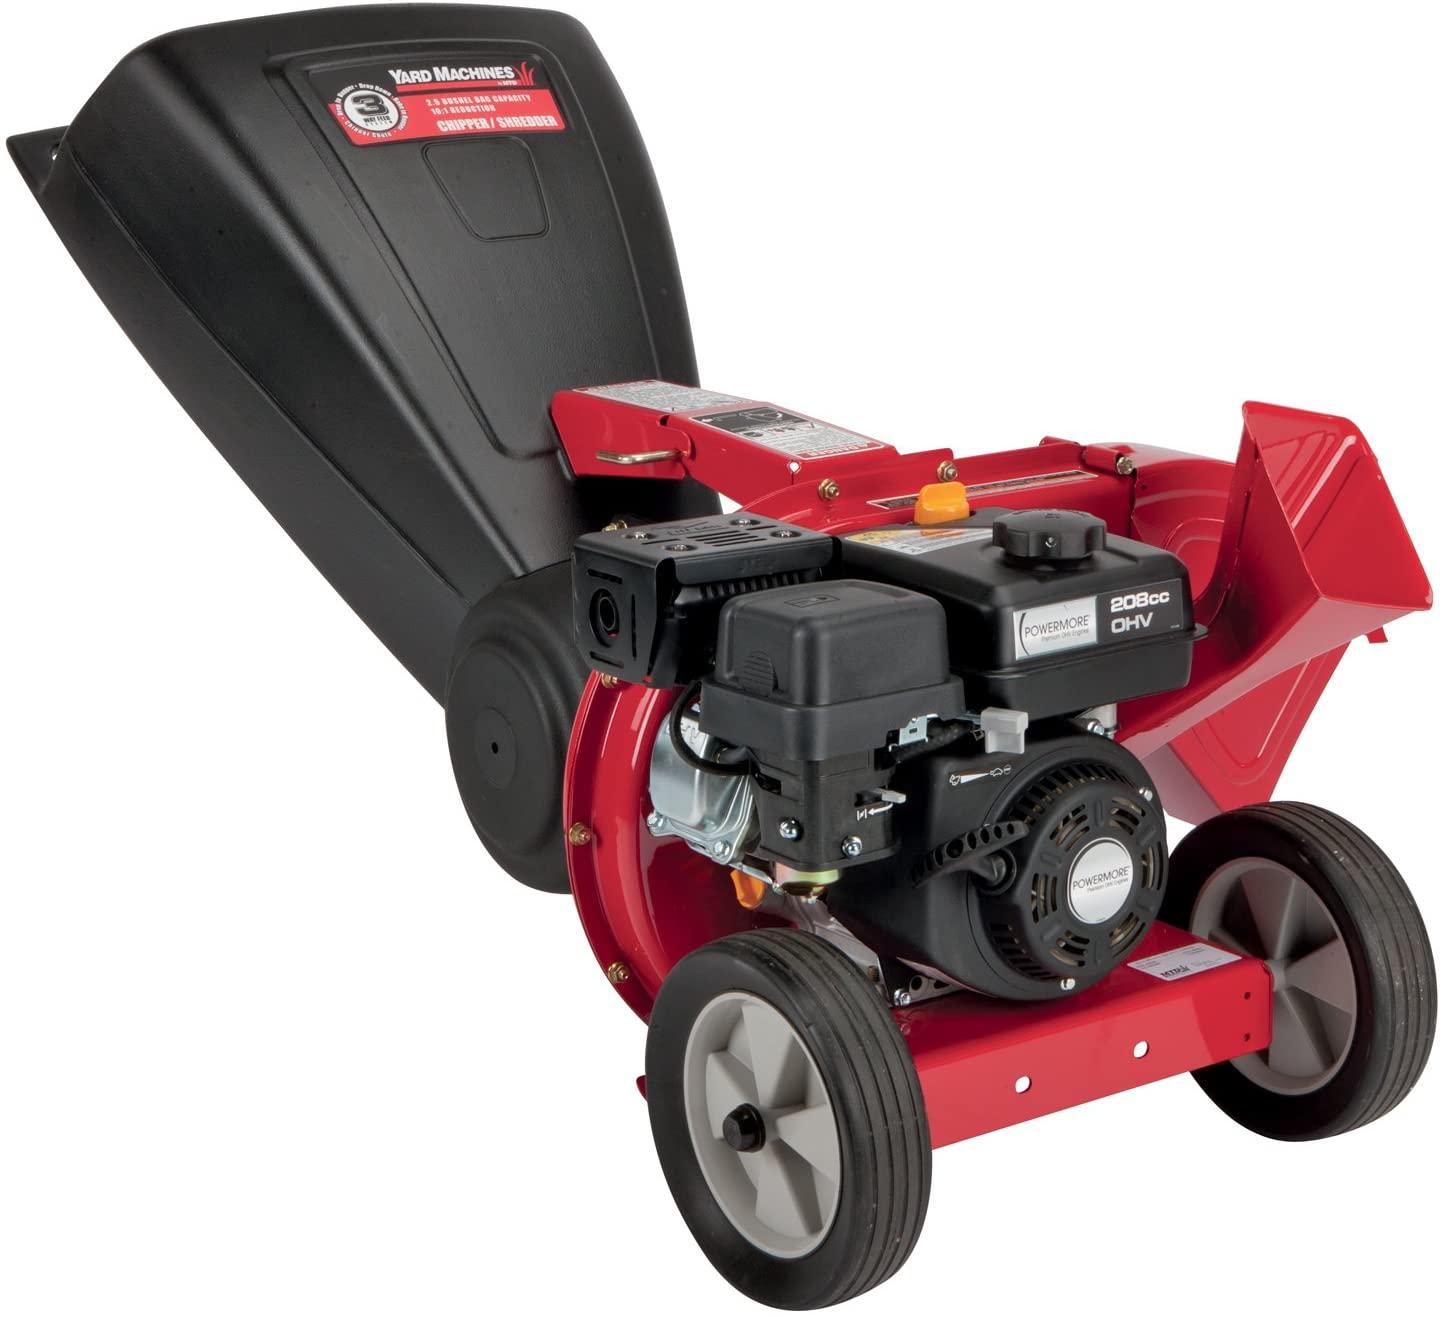 Yard Machines 24A-45M4700 Gas Chipper/Shredder